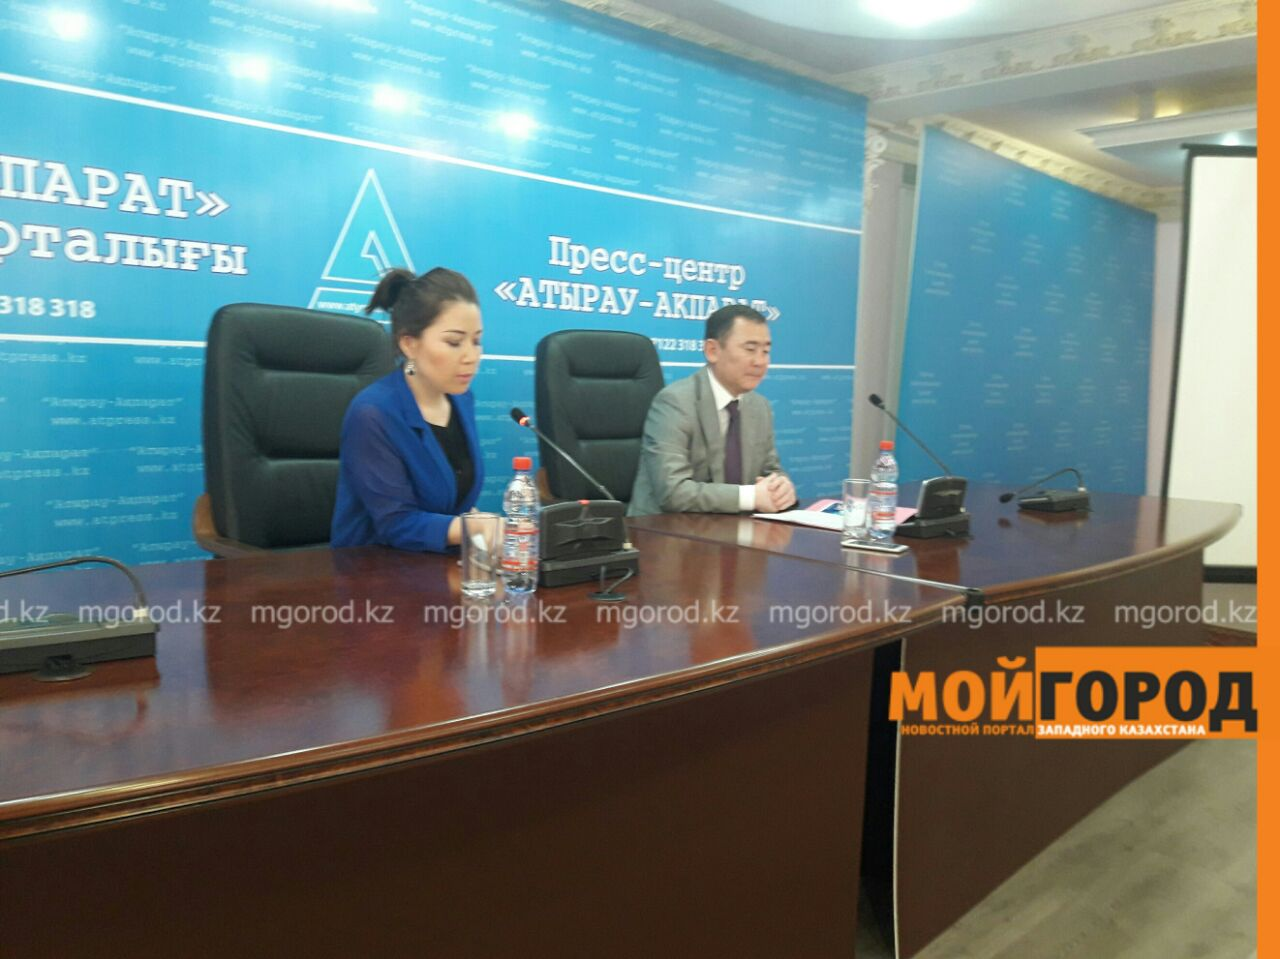 Новости Атырау - Участники скандального видео в Атырау принесли публичные извинения(ВИДЕО) atyrau_video (3)